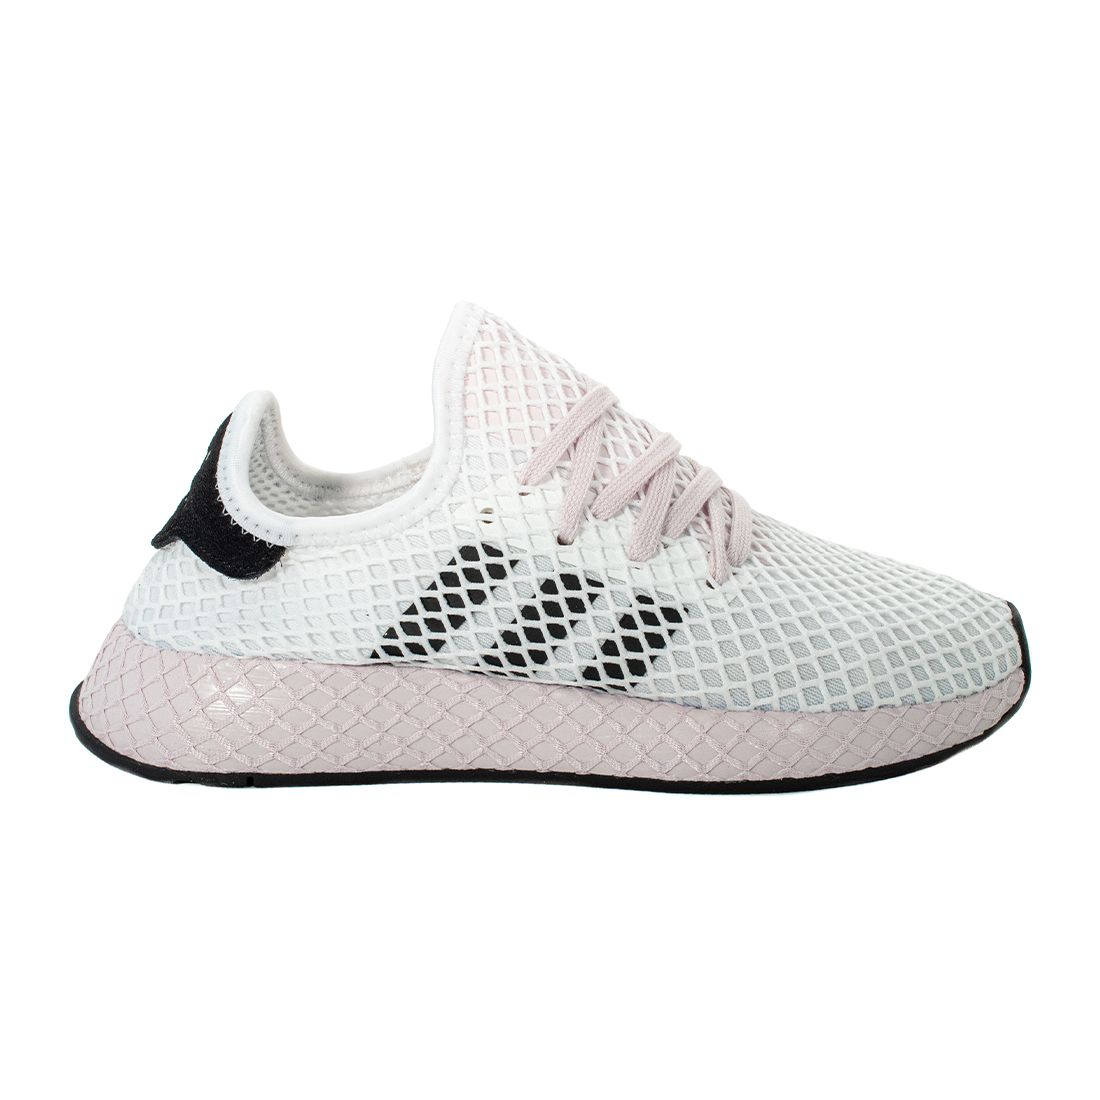 adidas deerupt runner chaussures de running femme